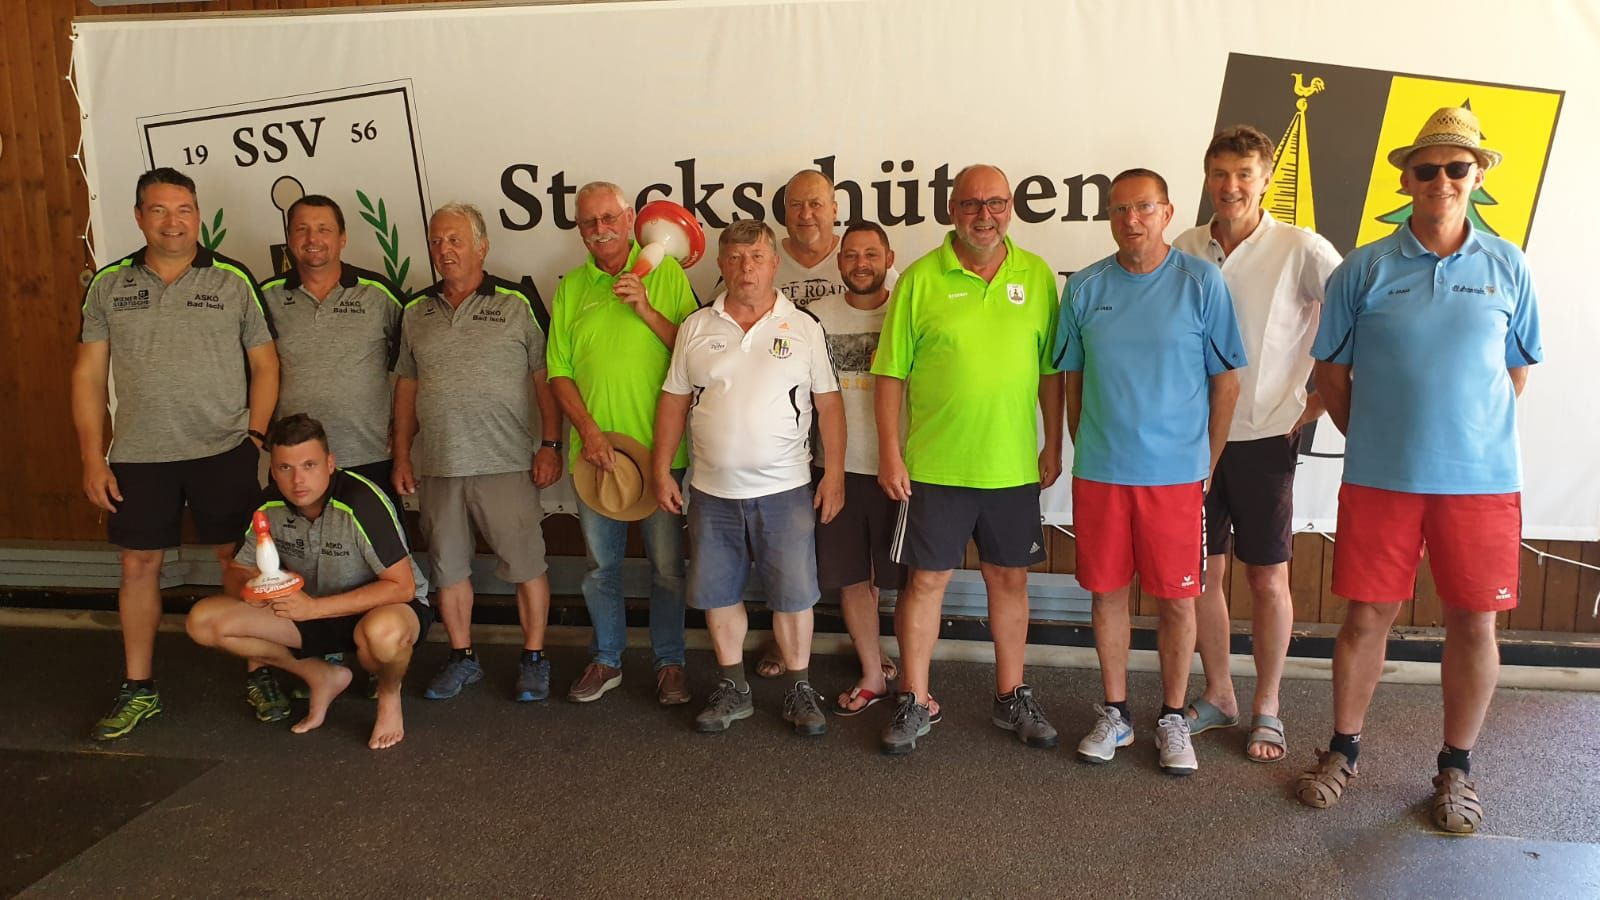 Parkturnier Samstag 29.6.19 - 2. ASKÖ Bad Ischl, Sieger Die 4 Guadn, 3. SV Hernstein